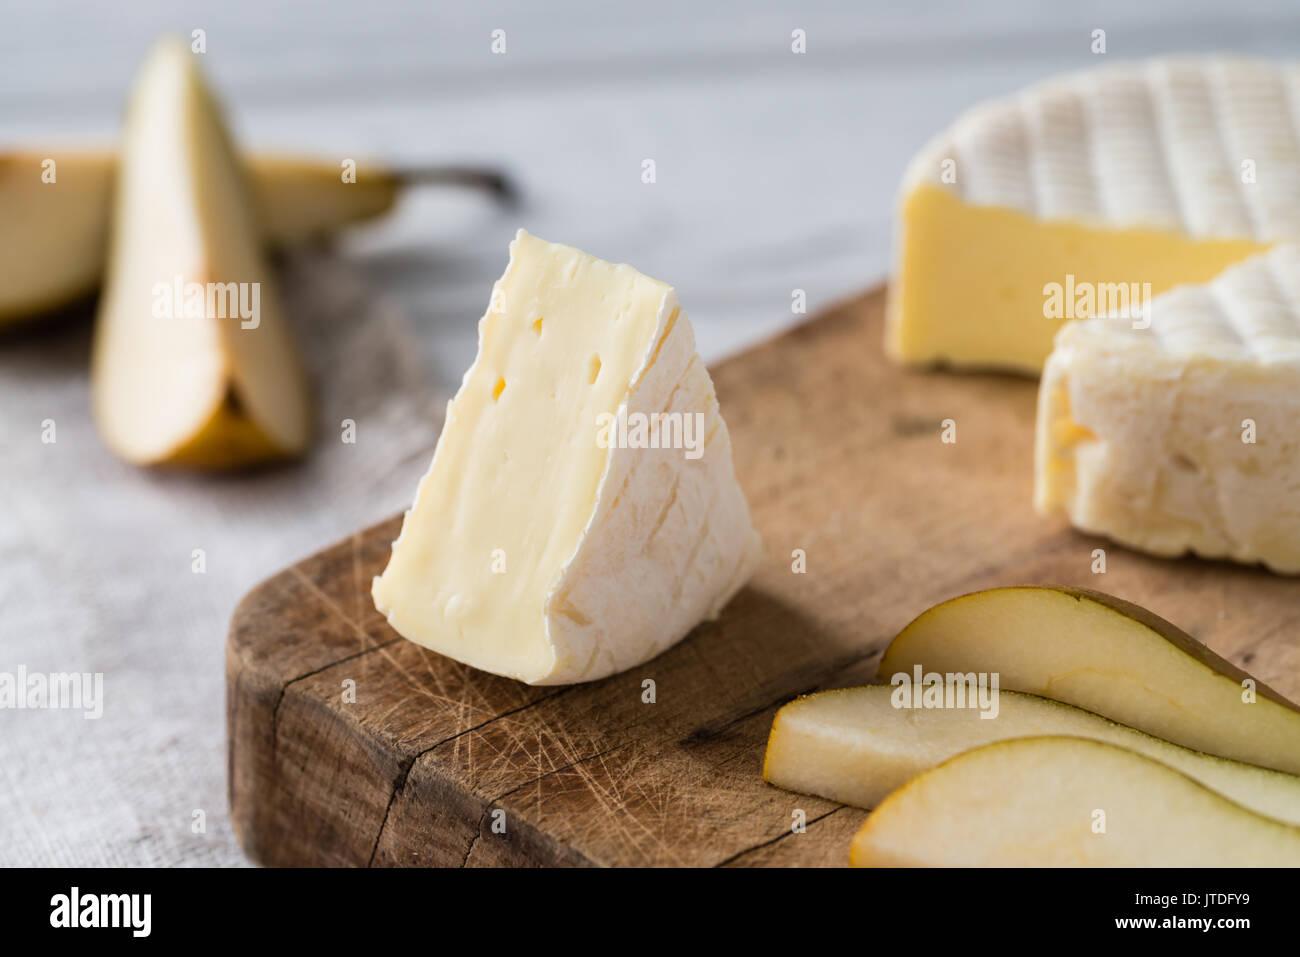 Acercamiento de queso francés de la región de Normandía con pear en rodajas sobre una tabla de madera sobre fondo blanco. Imagen De Stock